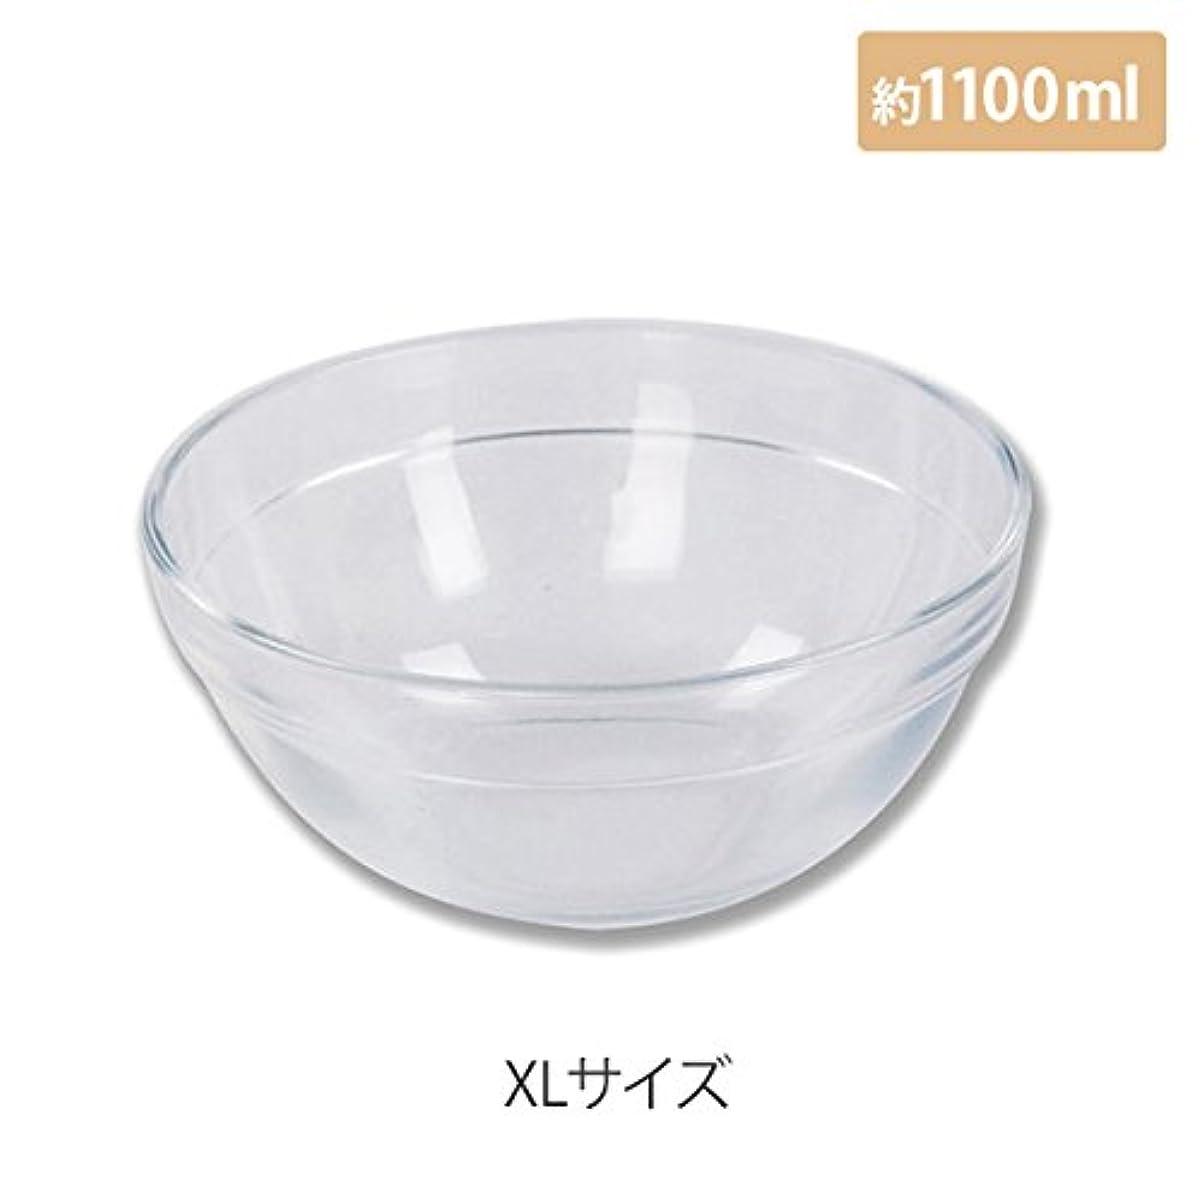 気球食欲宮殿マイスター プラスティックボウル (XLサイズ) クリア 直径20cm [ プラスチックボール カップボウル カップボール エステ サロン プラスチック ボウル カップ 割れない ]